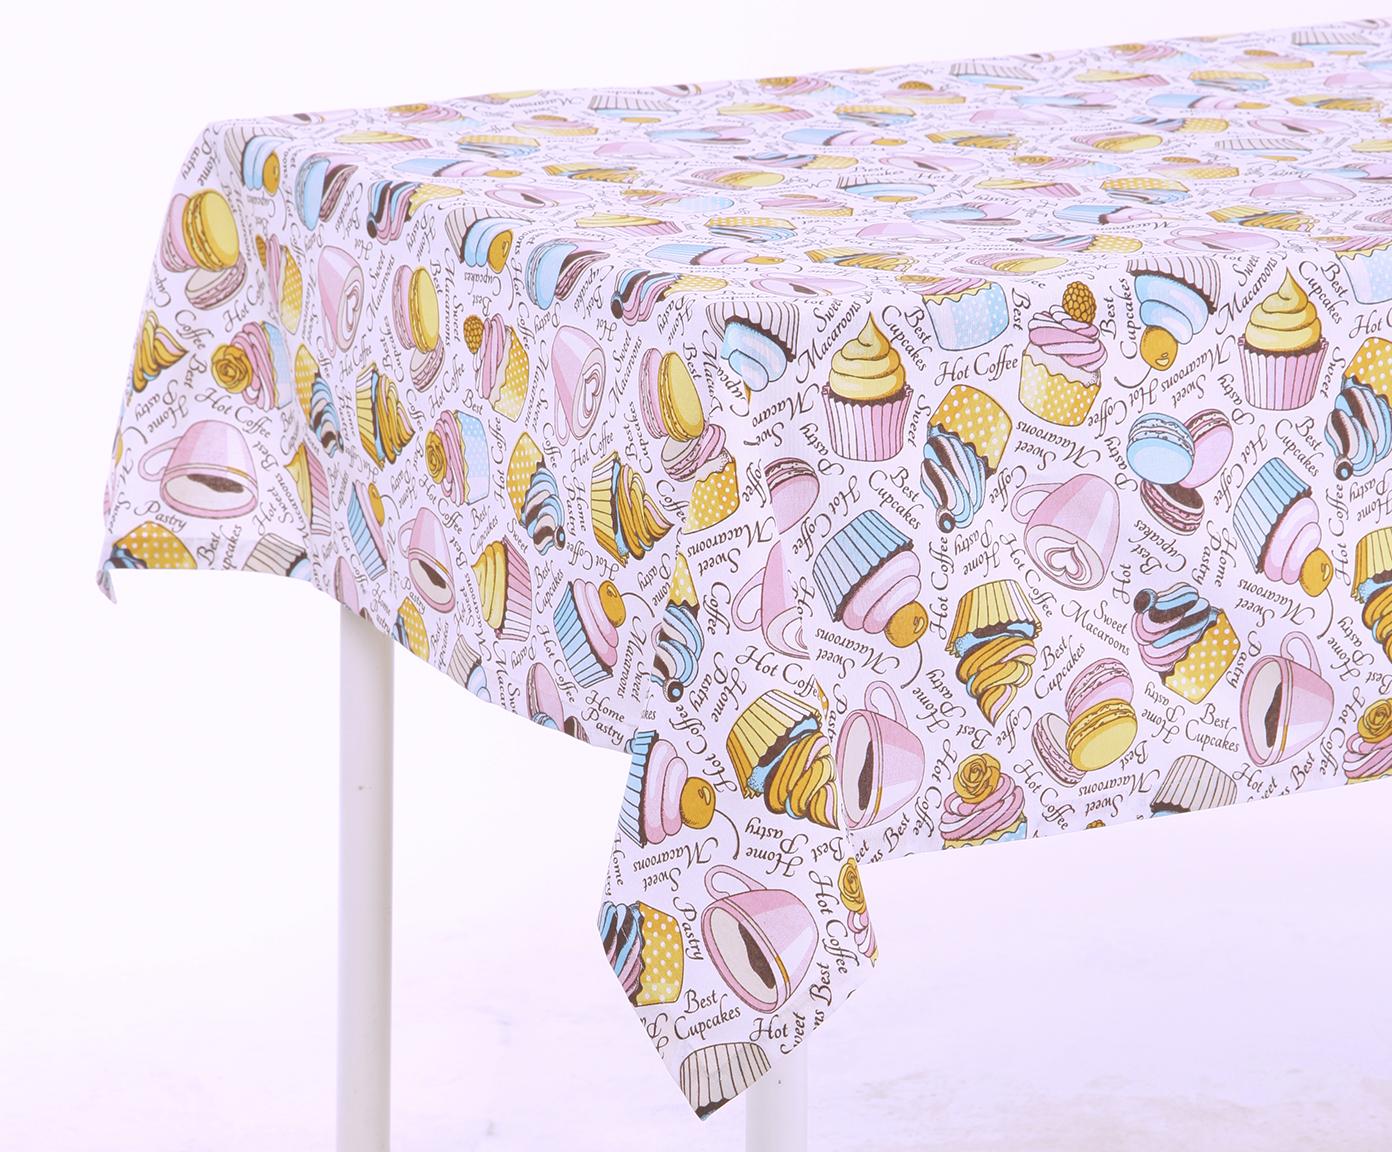 Скатерть Pink cakeСкатерти<br>Скатерть на стол. Подойдет для создания хорошего настроения. Яркий дизайн. Ткань прочная ,износоустойчивая.<br><br>Material: Хлопок<br>Ширина см: 180.0<br>Глубина см: 130.0